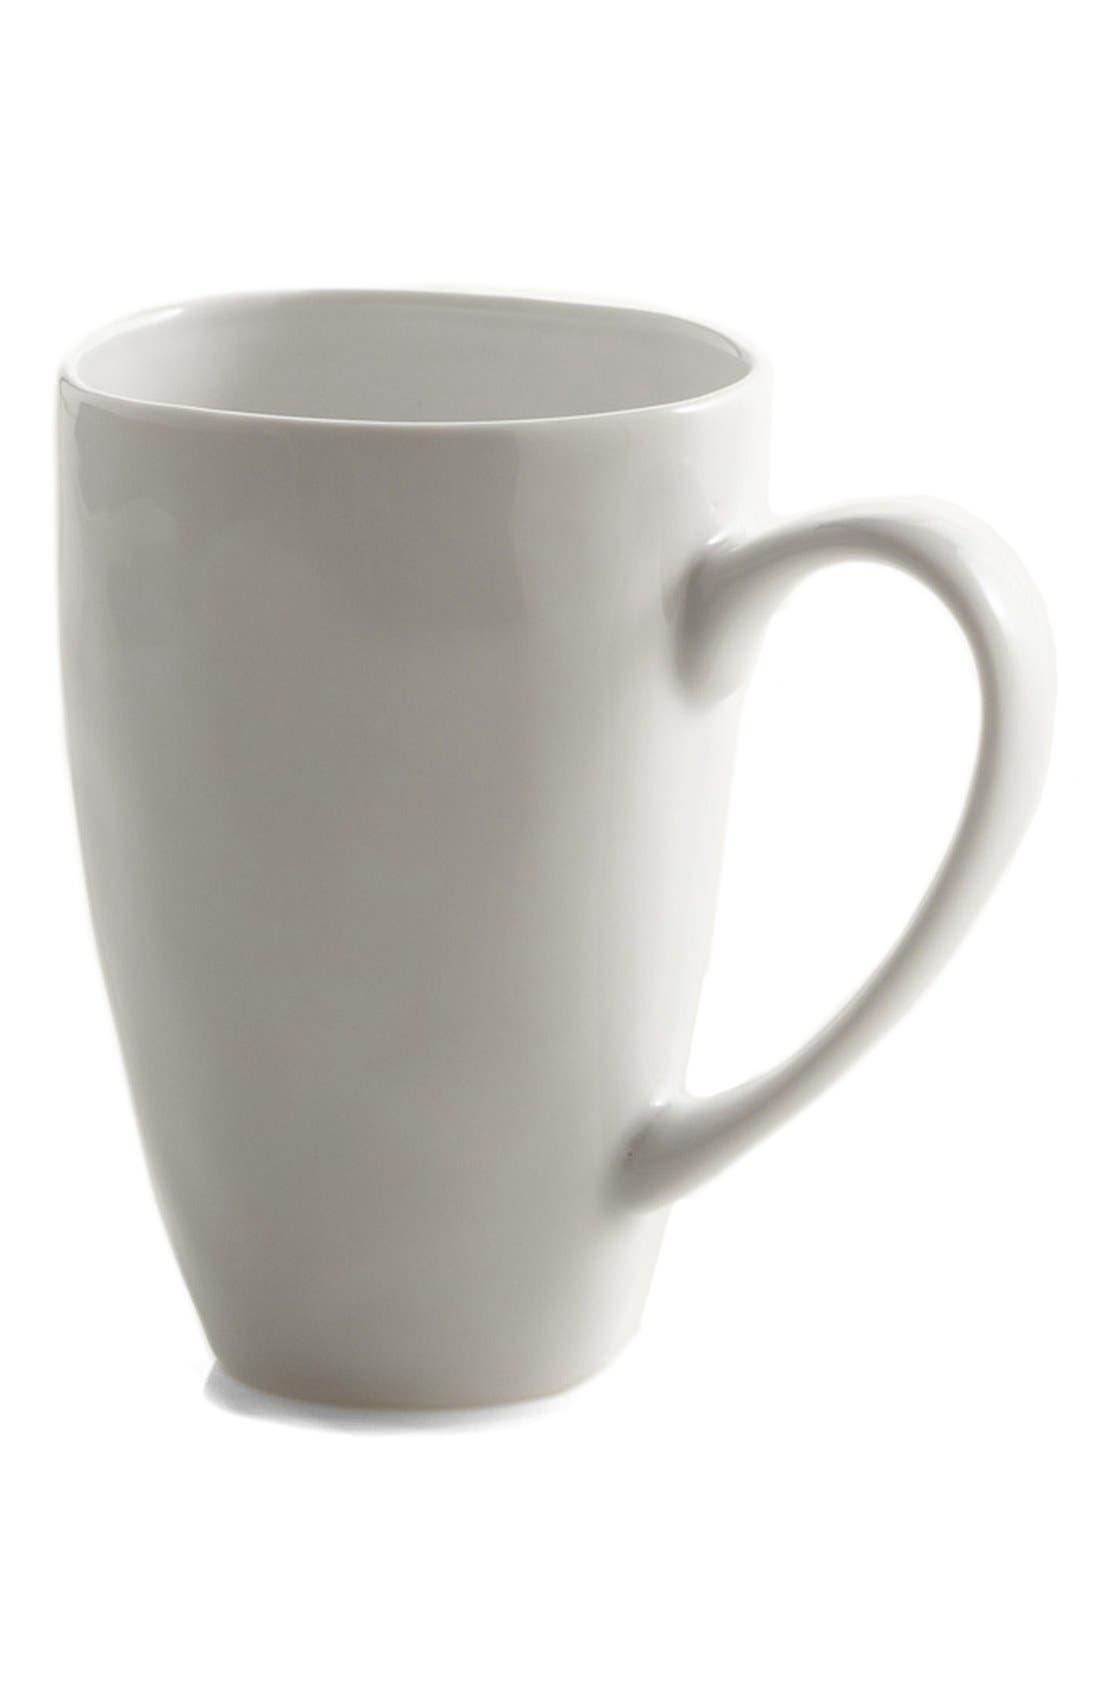 zestt 'Sculptured' Mugs (Set of 4)